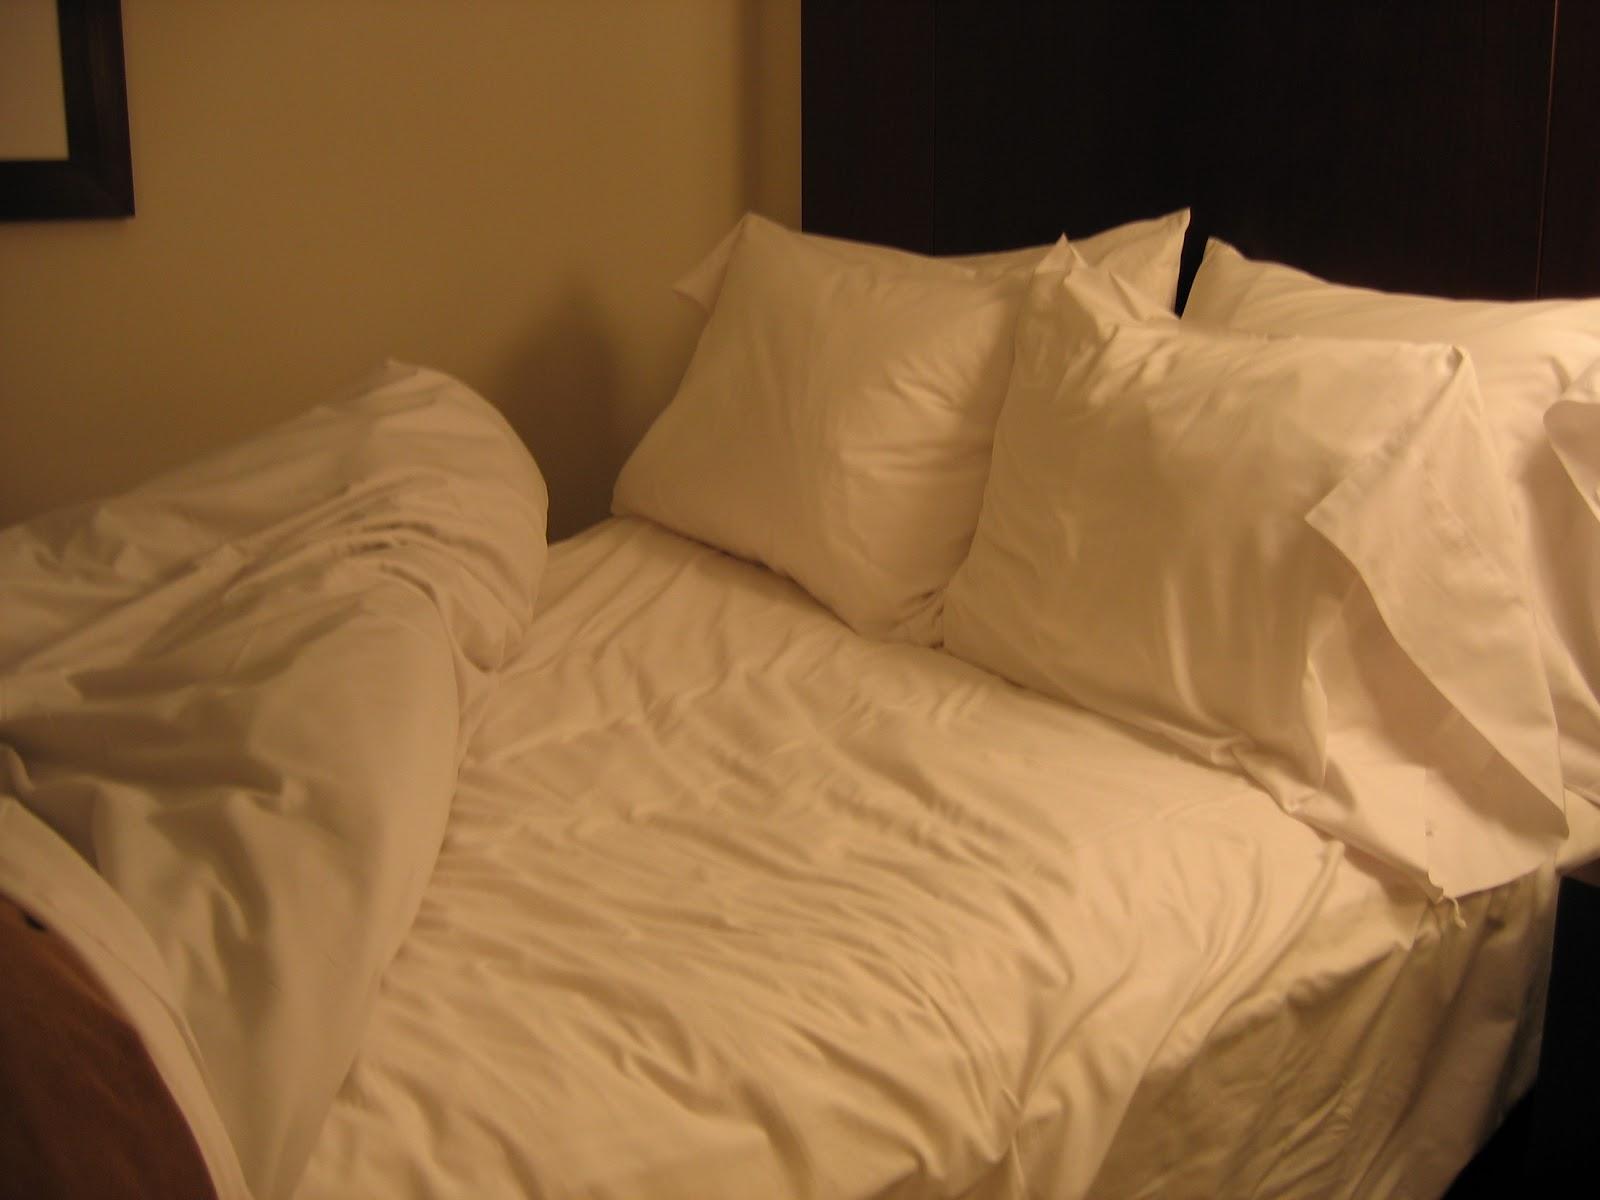 Bed_in_Seattle_hotel.jpg